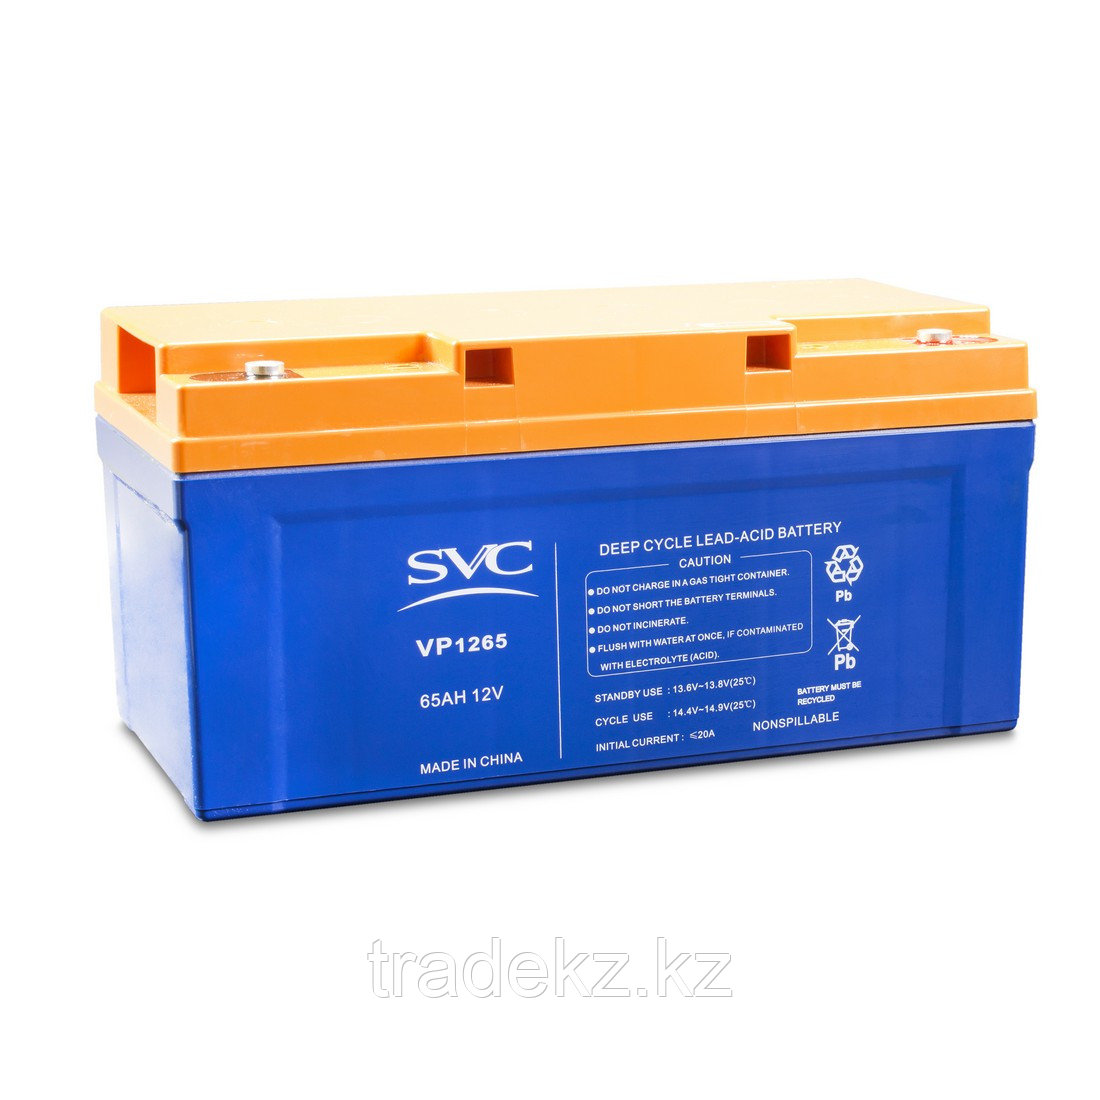 Аккумуляторная батарея SVC VP1265, 12В, 65 Ач